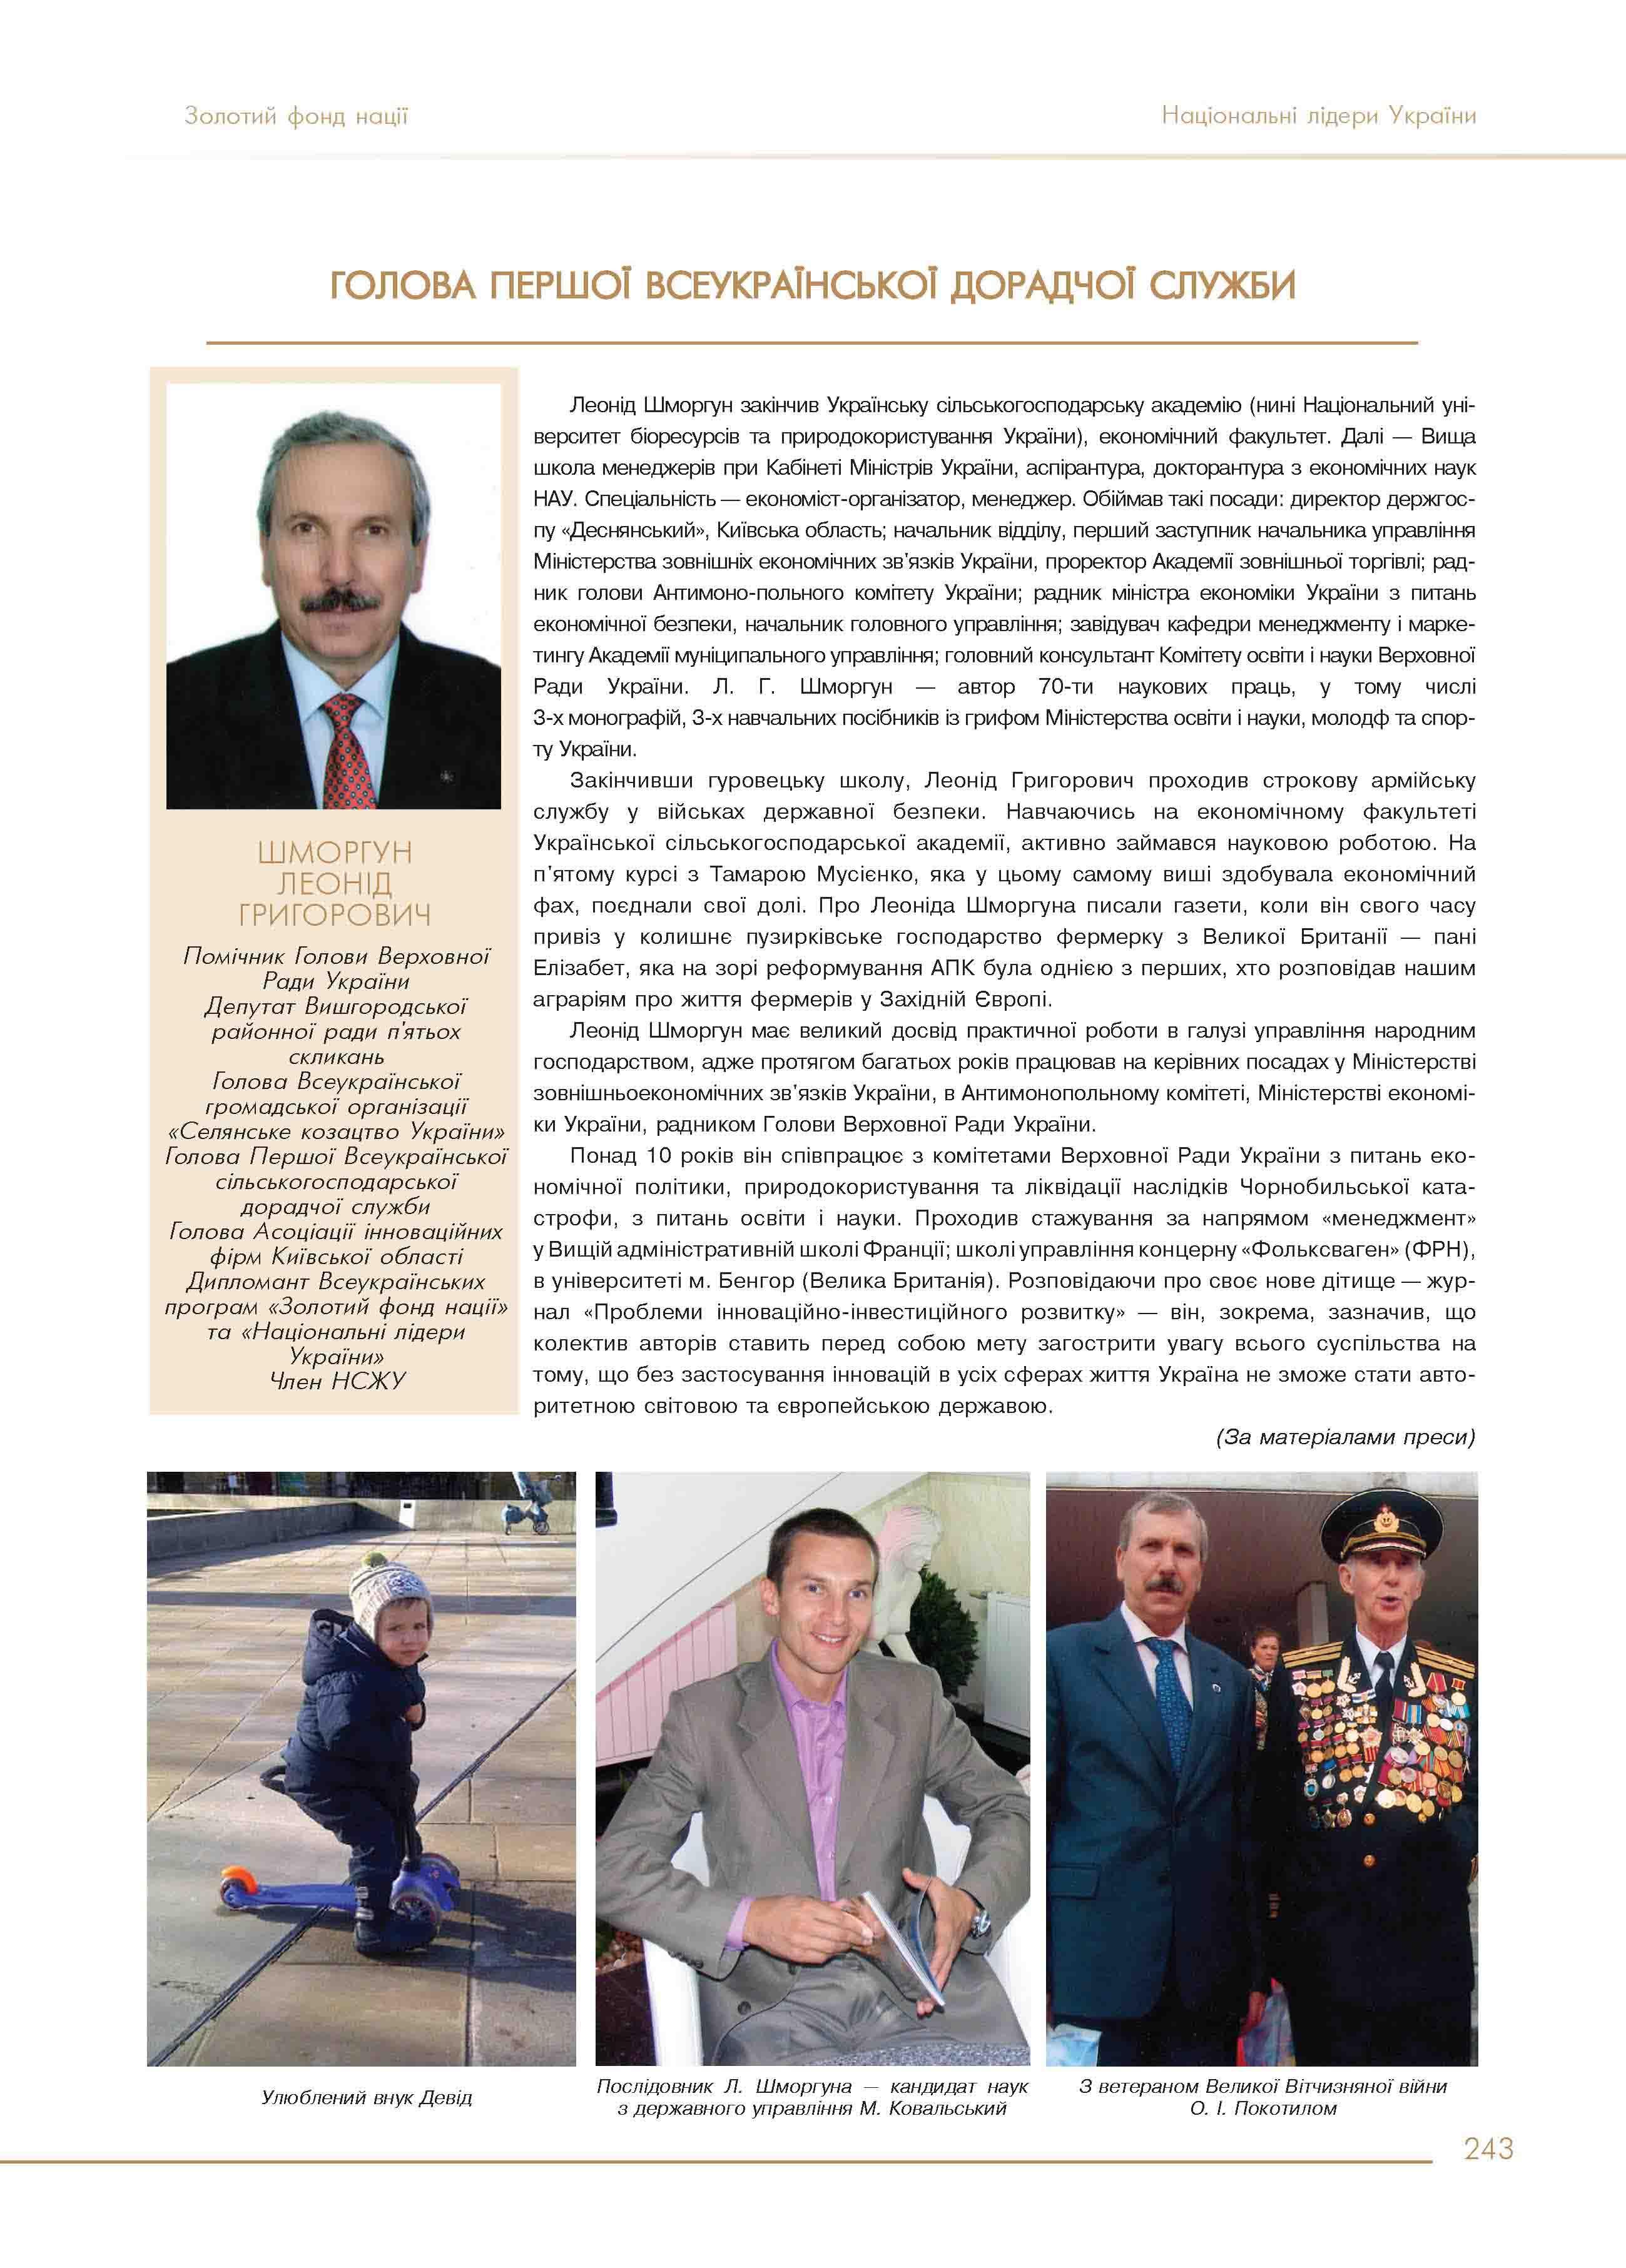 Шморгун Леонід Григорович. Голова першої всеукраїнської дорадчої служби